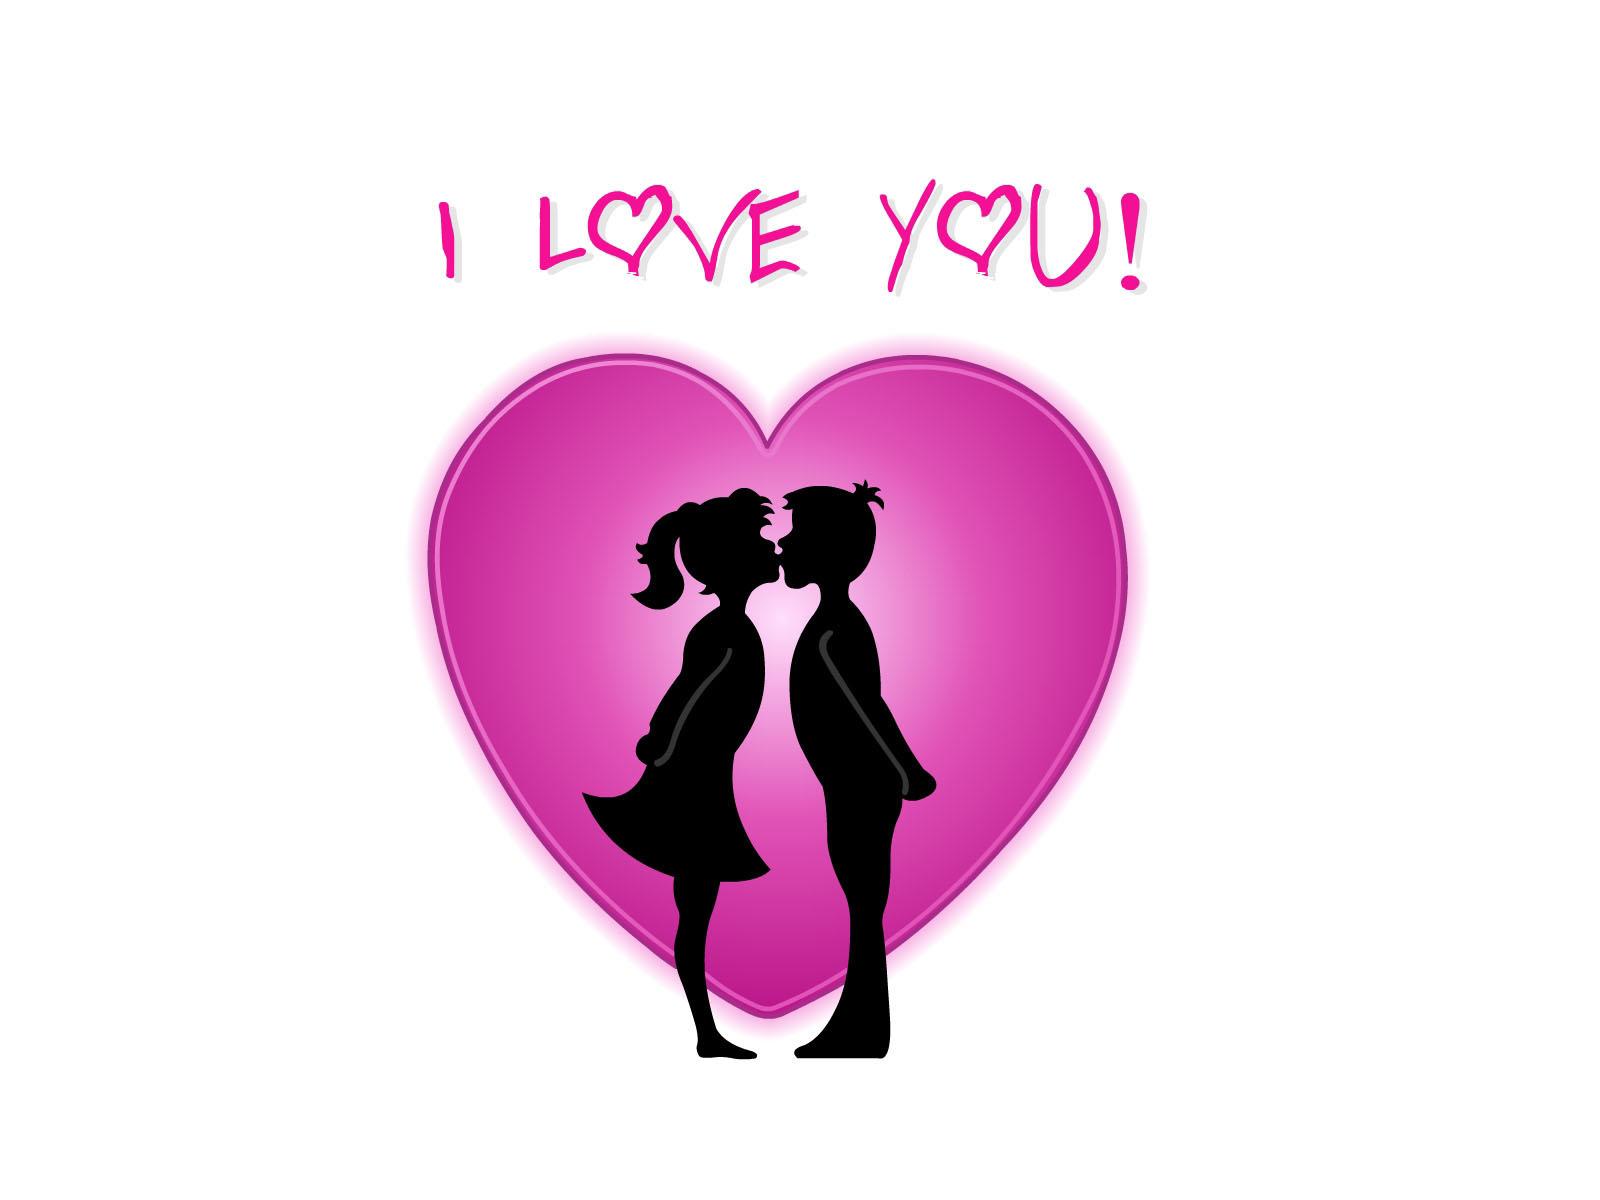 http://4.bp.blogspot.com/-OQ9E3SvZkXE/UNTaX5Q7CgI/AAAAAAAABgo/HeFjr8e_0AQ/s1600/i_love_you_kiss_wallpaper-normal.jpg